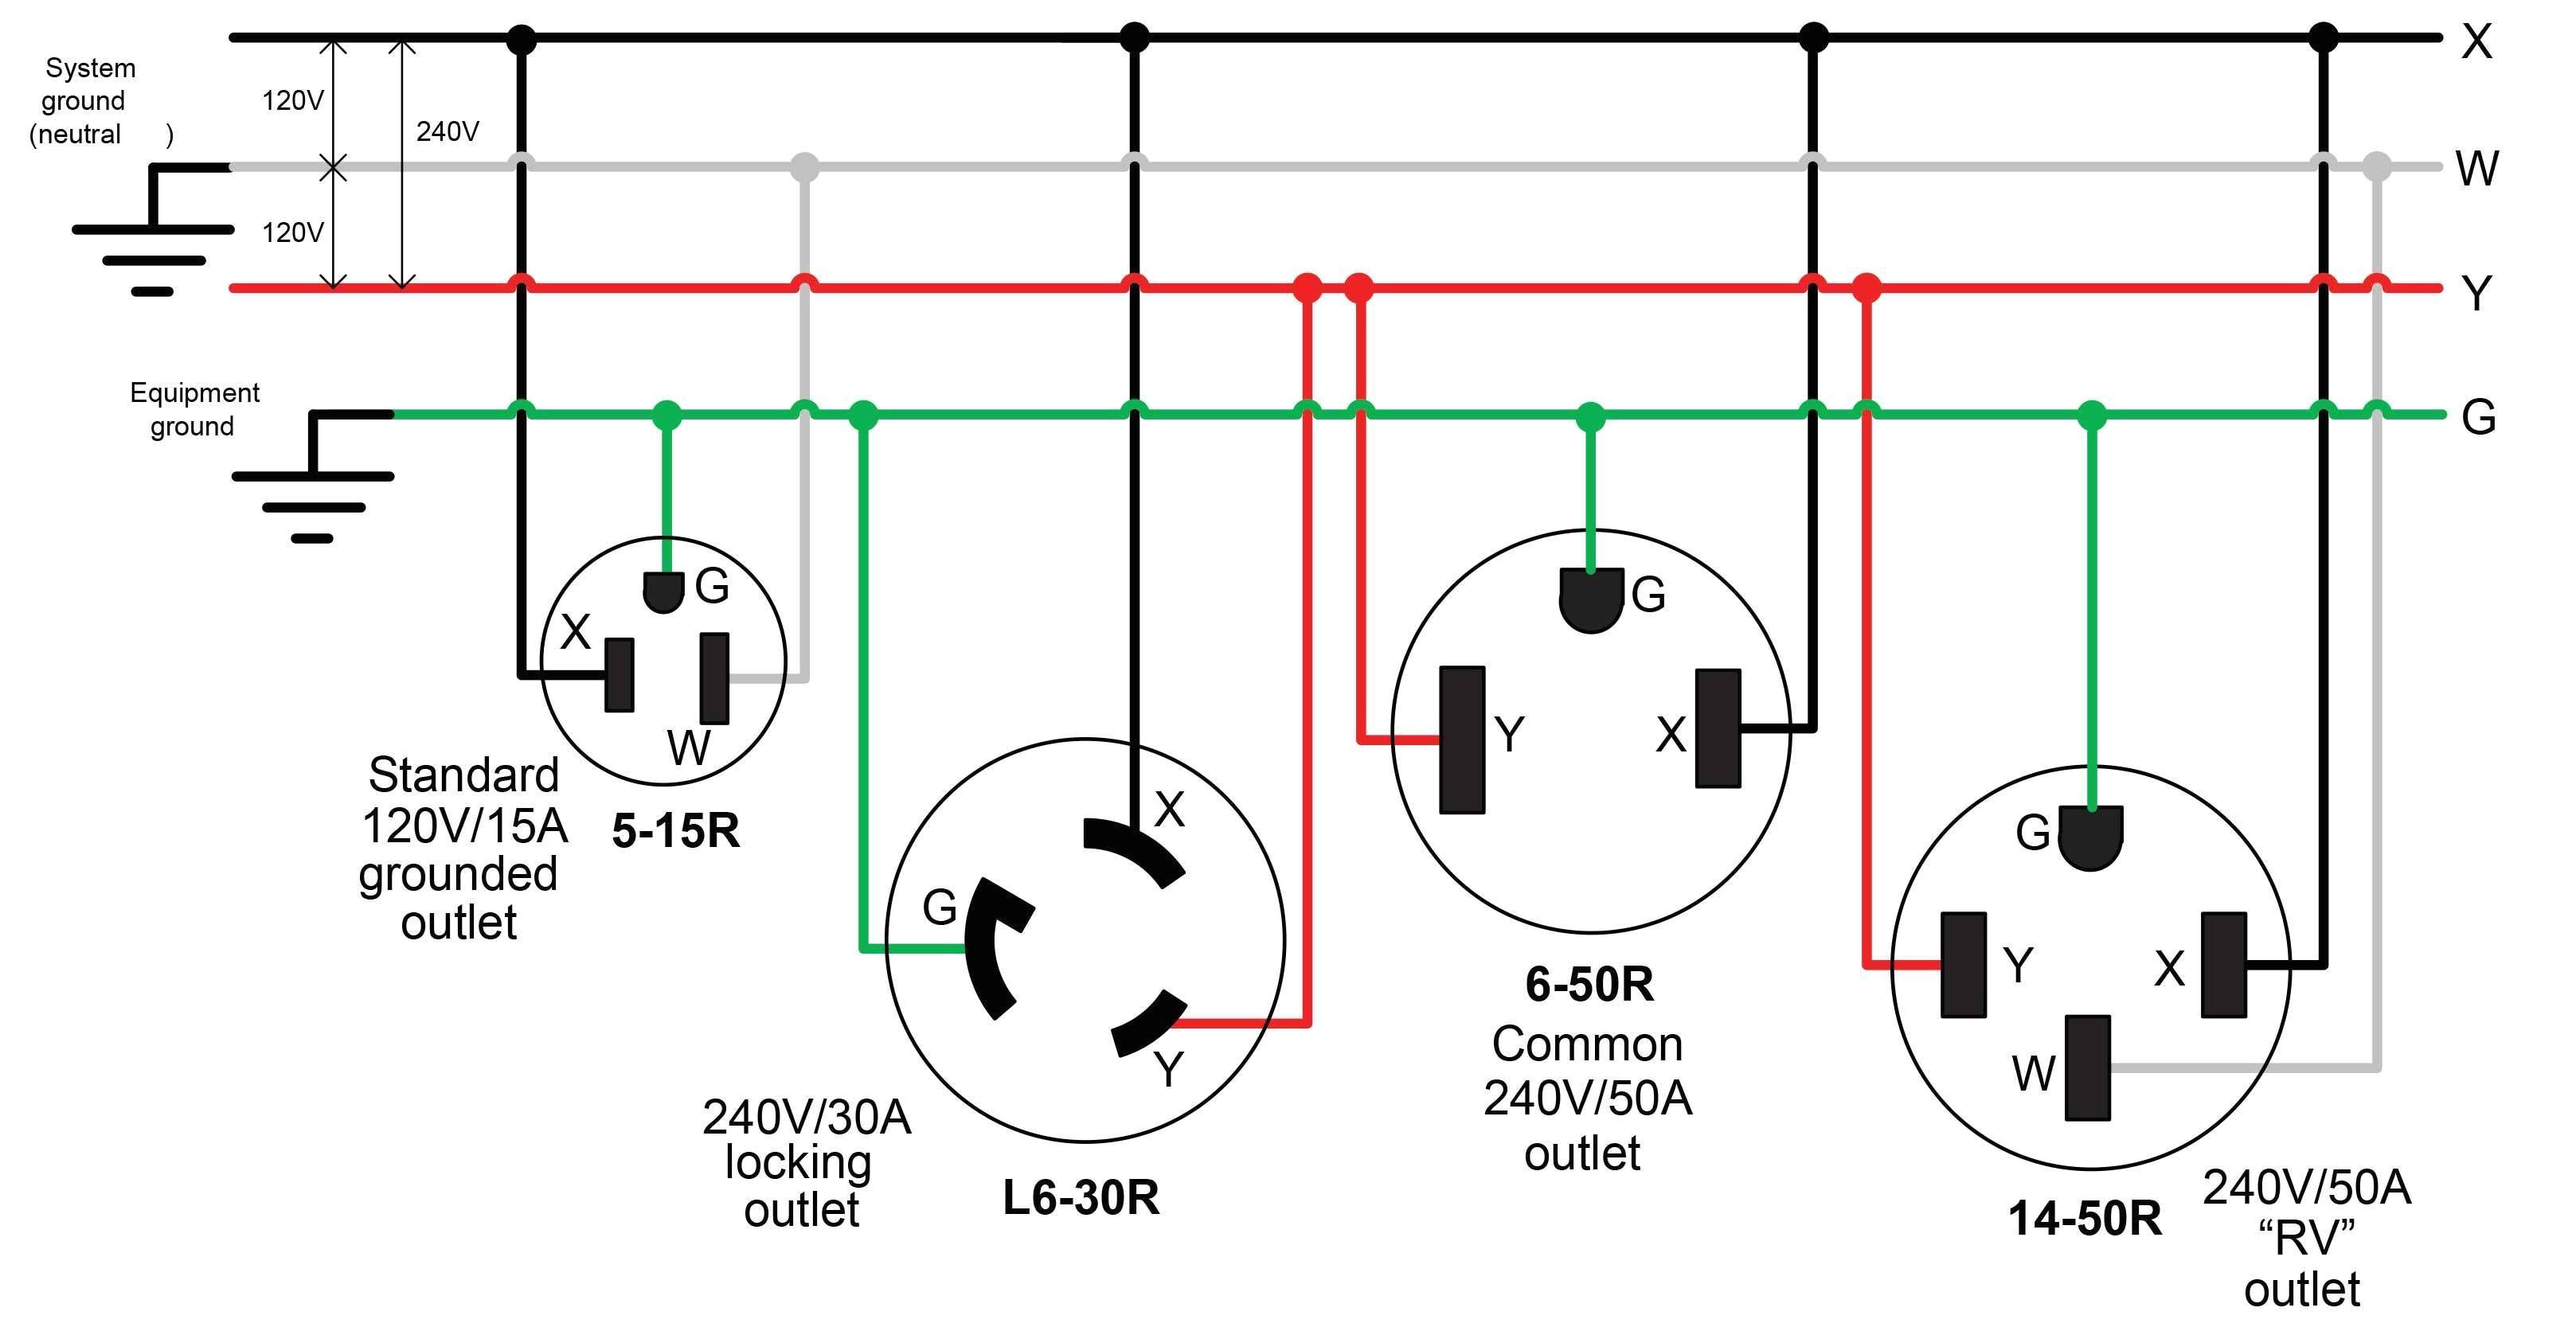 wiring diagram 250v schematic wiring diagram expert 250v schematic wiring